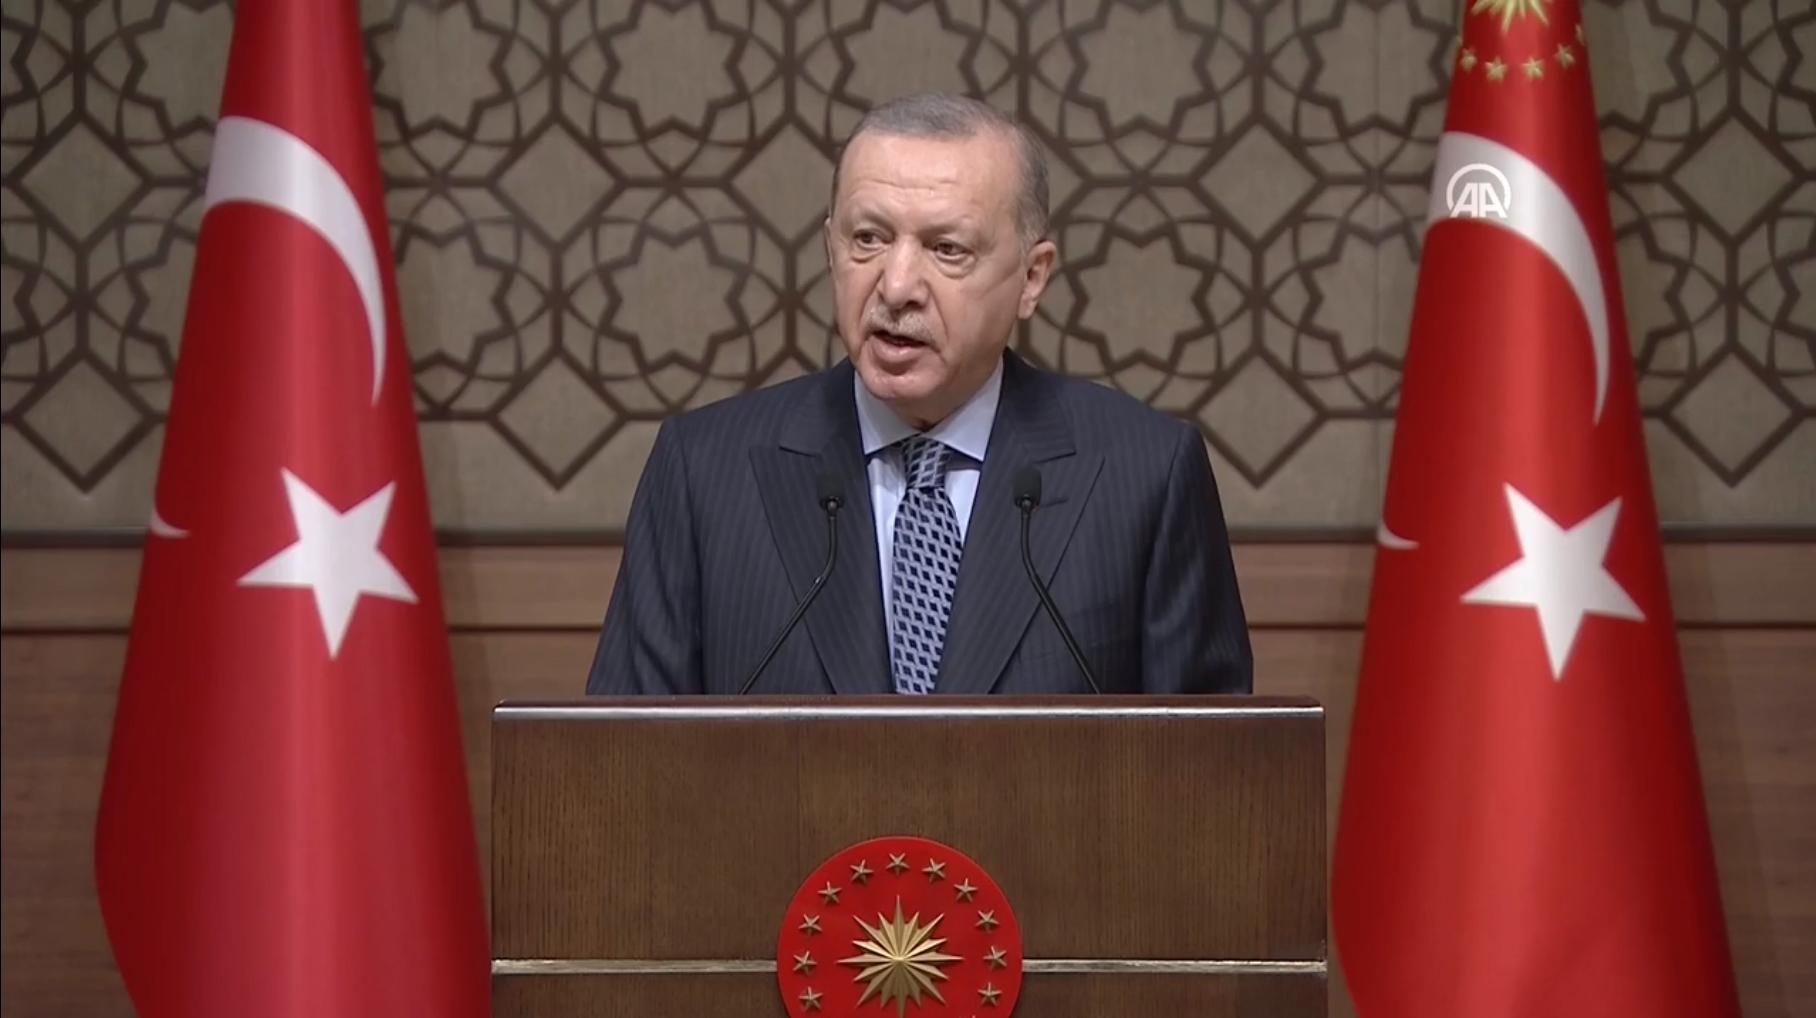 Cumhurbaşkanı Erdoğan: Sanal dünyaya asla teslim olmayacağız